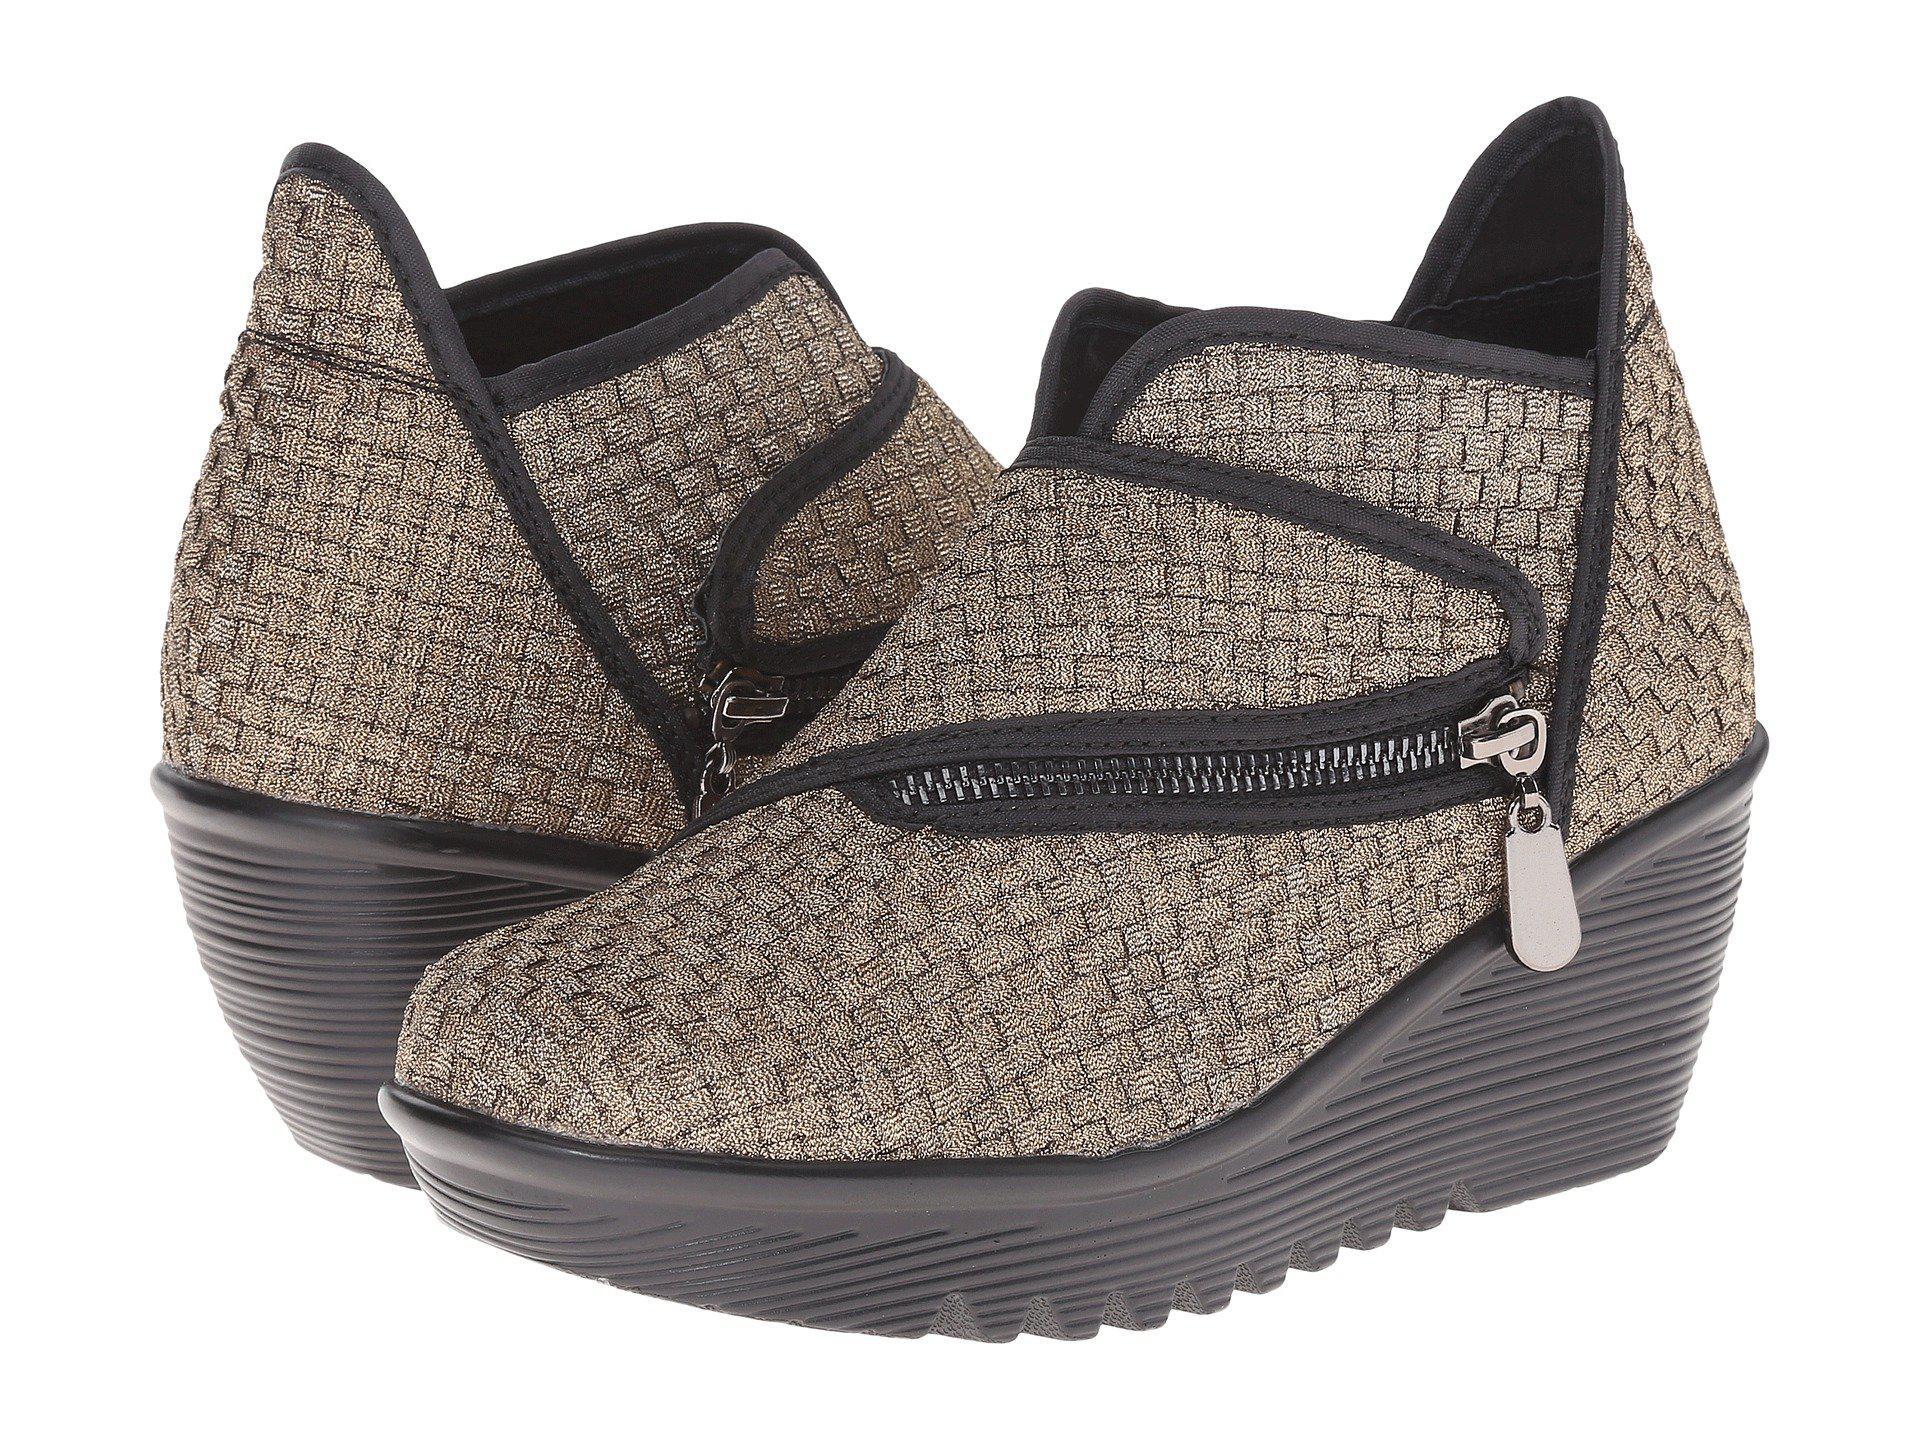 7de9f3bd01e7 Lyst - Bernie Mev Zigzag (black) Women s Wedge Shoes in Metallic